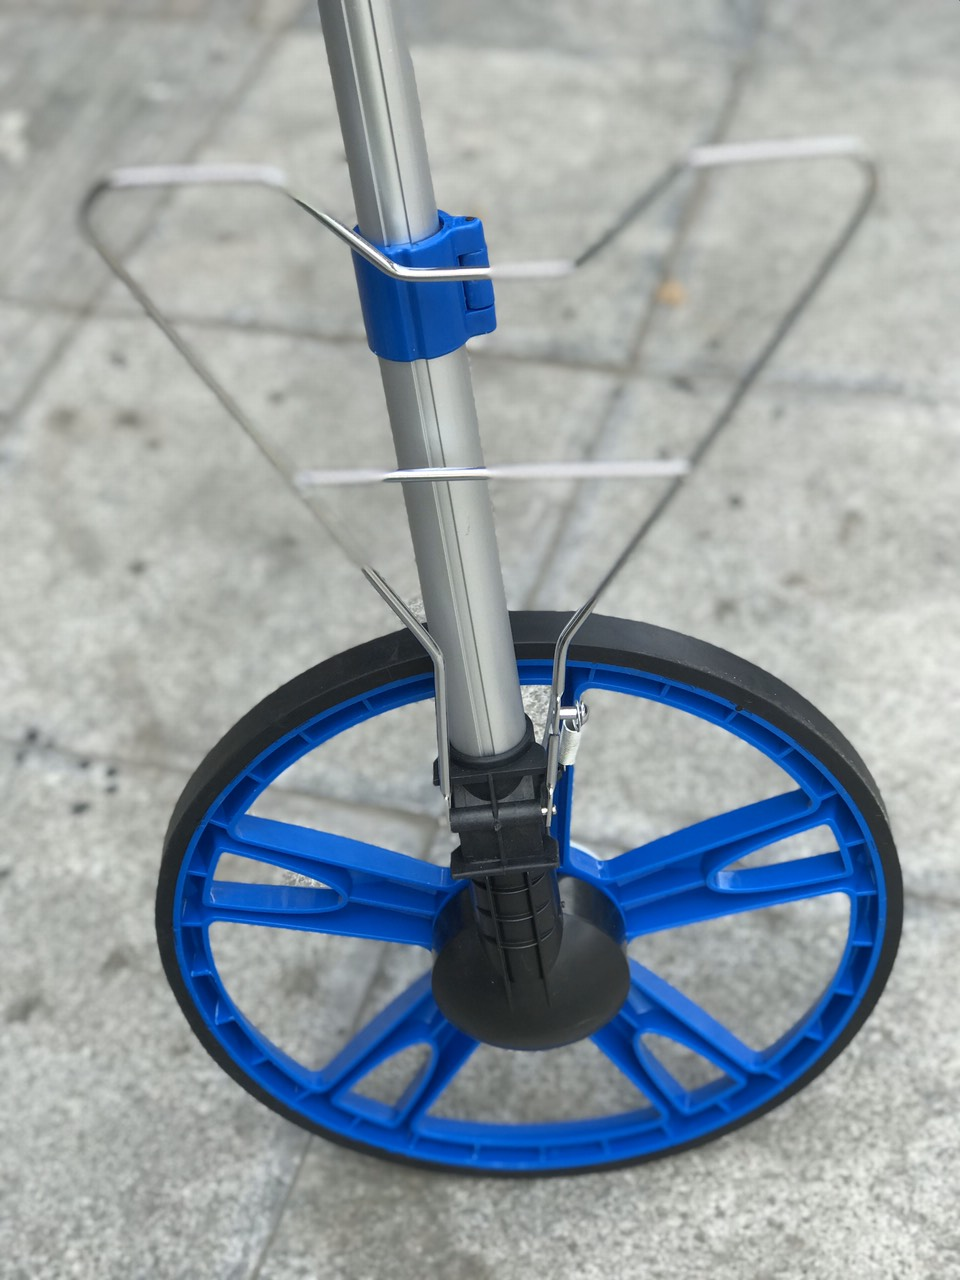 Thước đo khoảng cách bằng  bánh xe điện tử chính hãng C-Mart